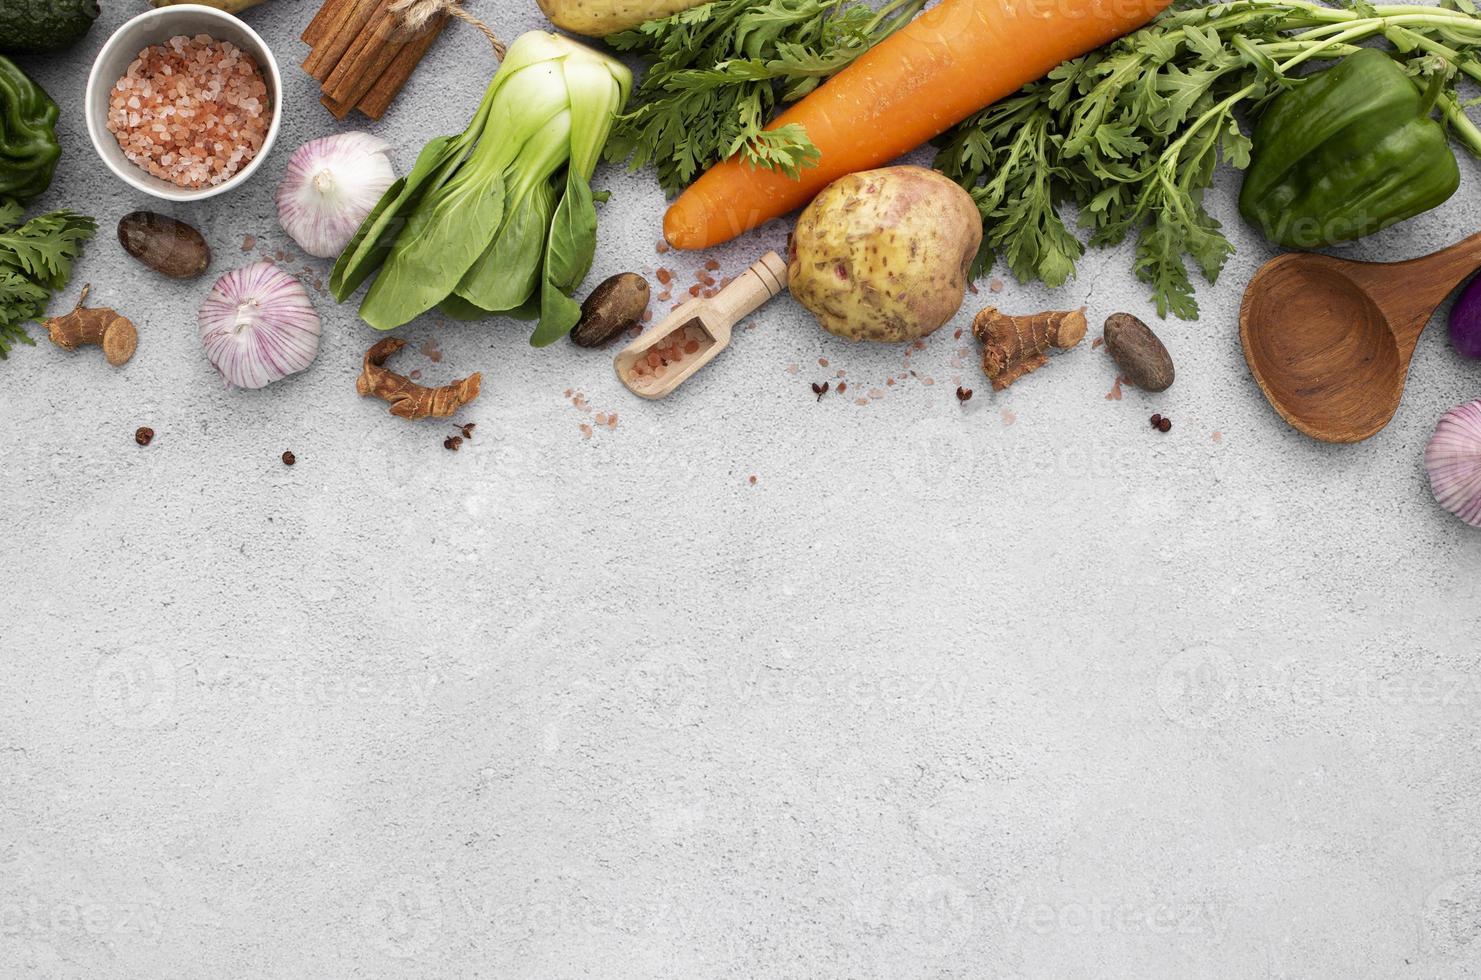 platt låg grönsaker blanda med kopia utrymme foto